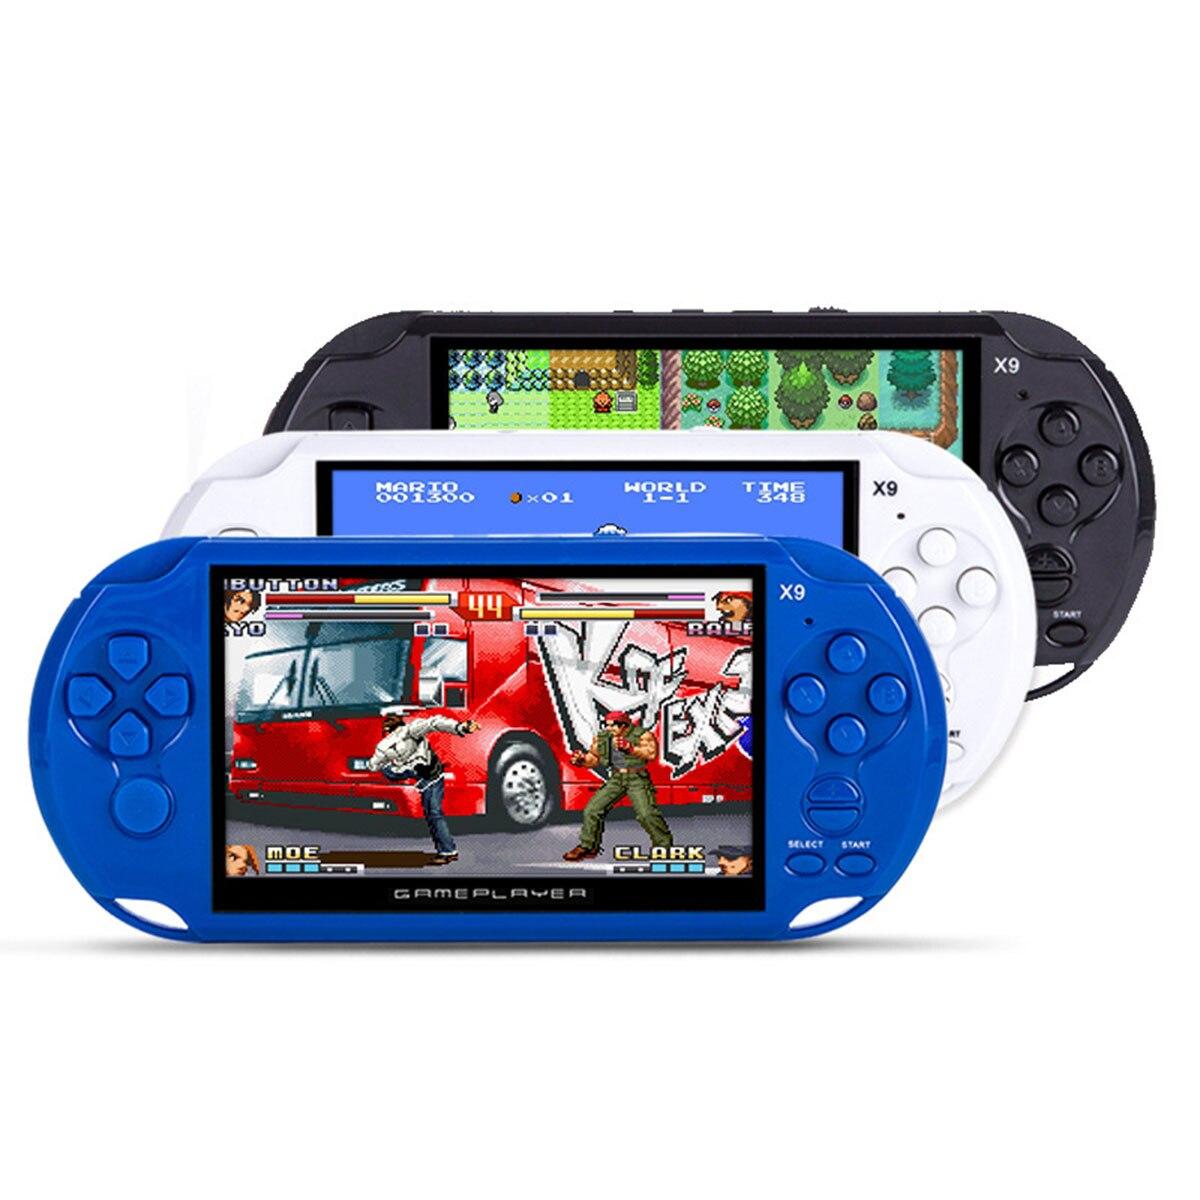 GB GARÇON Portable rétro jeu vidéo console console de jeu Portable 5.0 pouces TF 8 GB Soutien 32 16 8 peu jeu Intégré 300 jeux